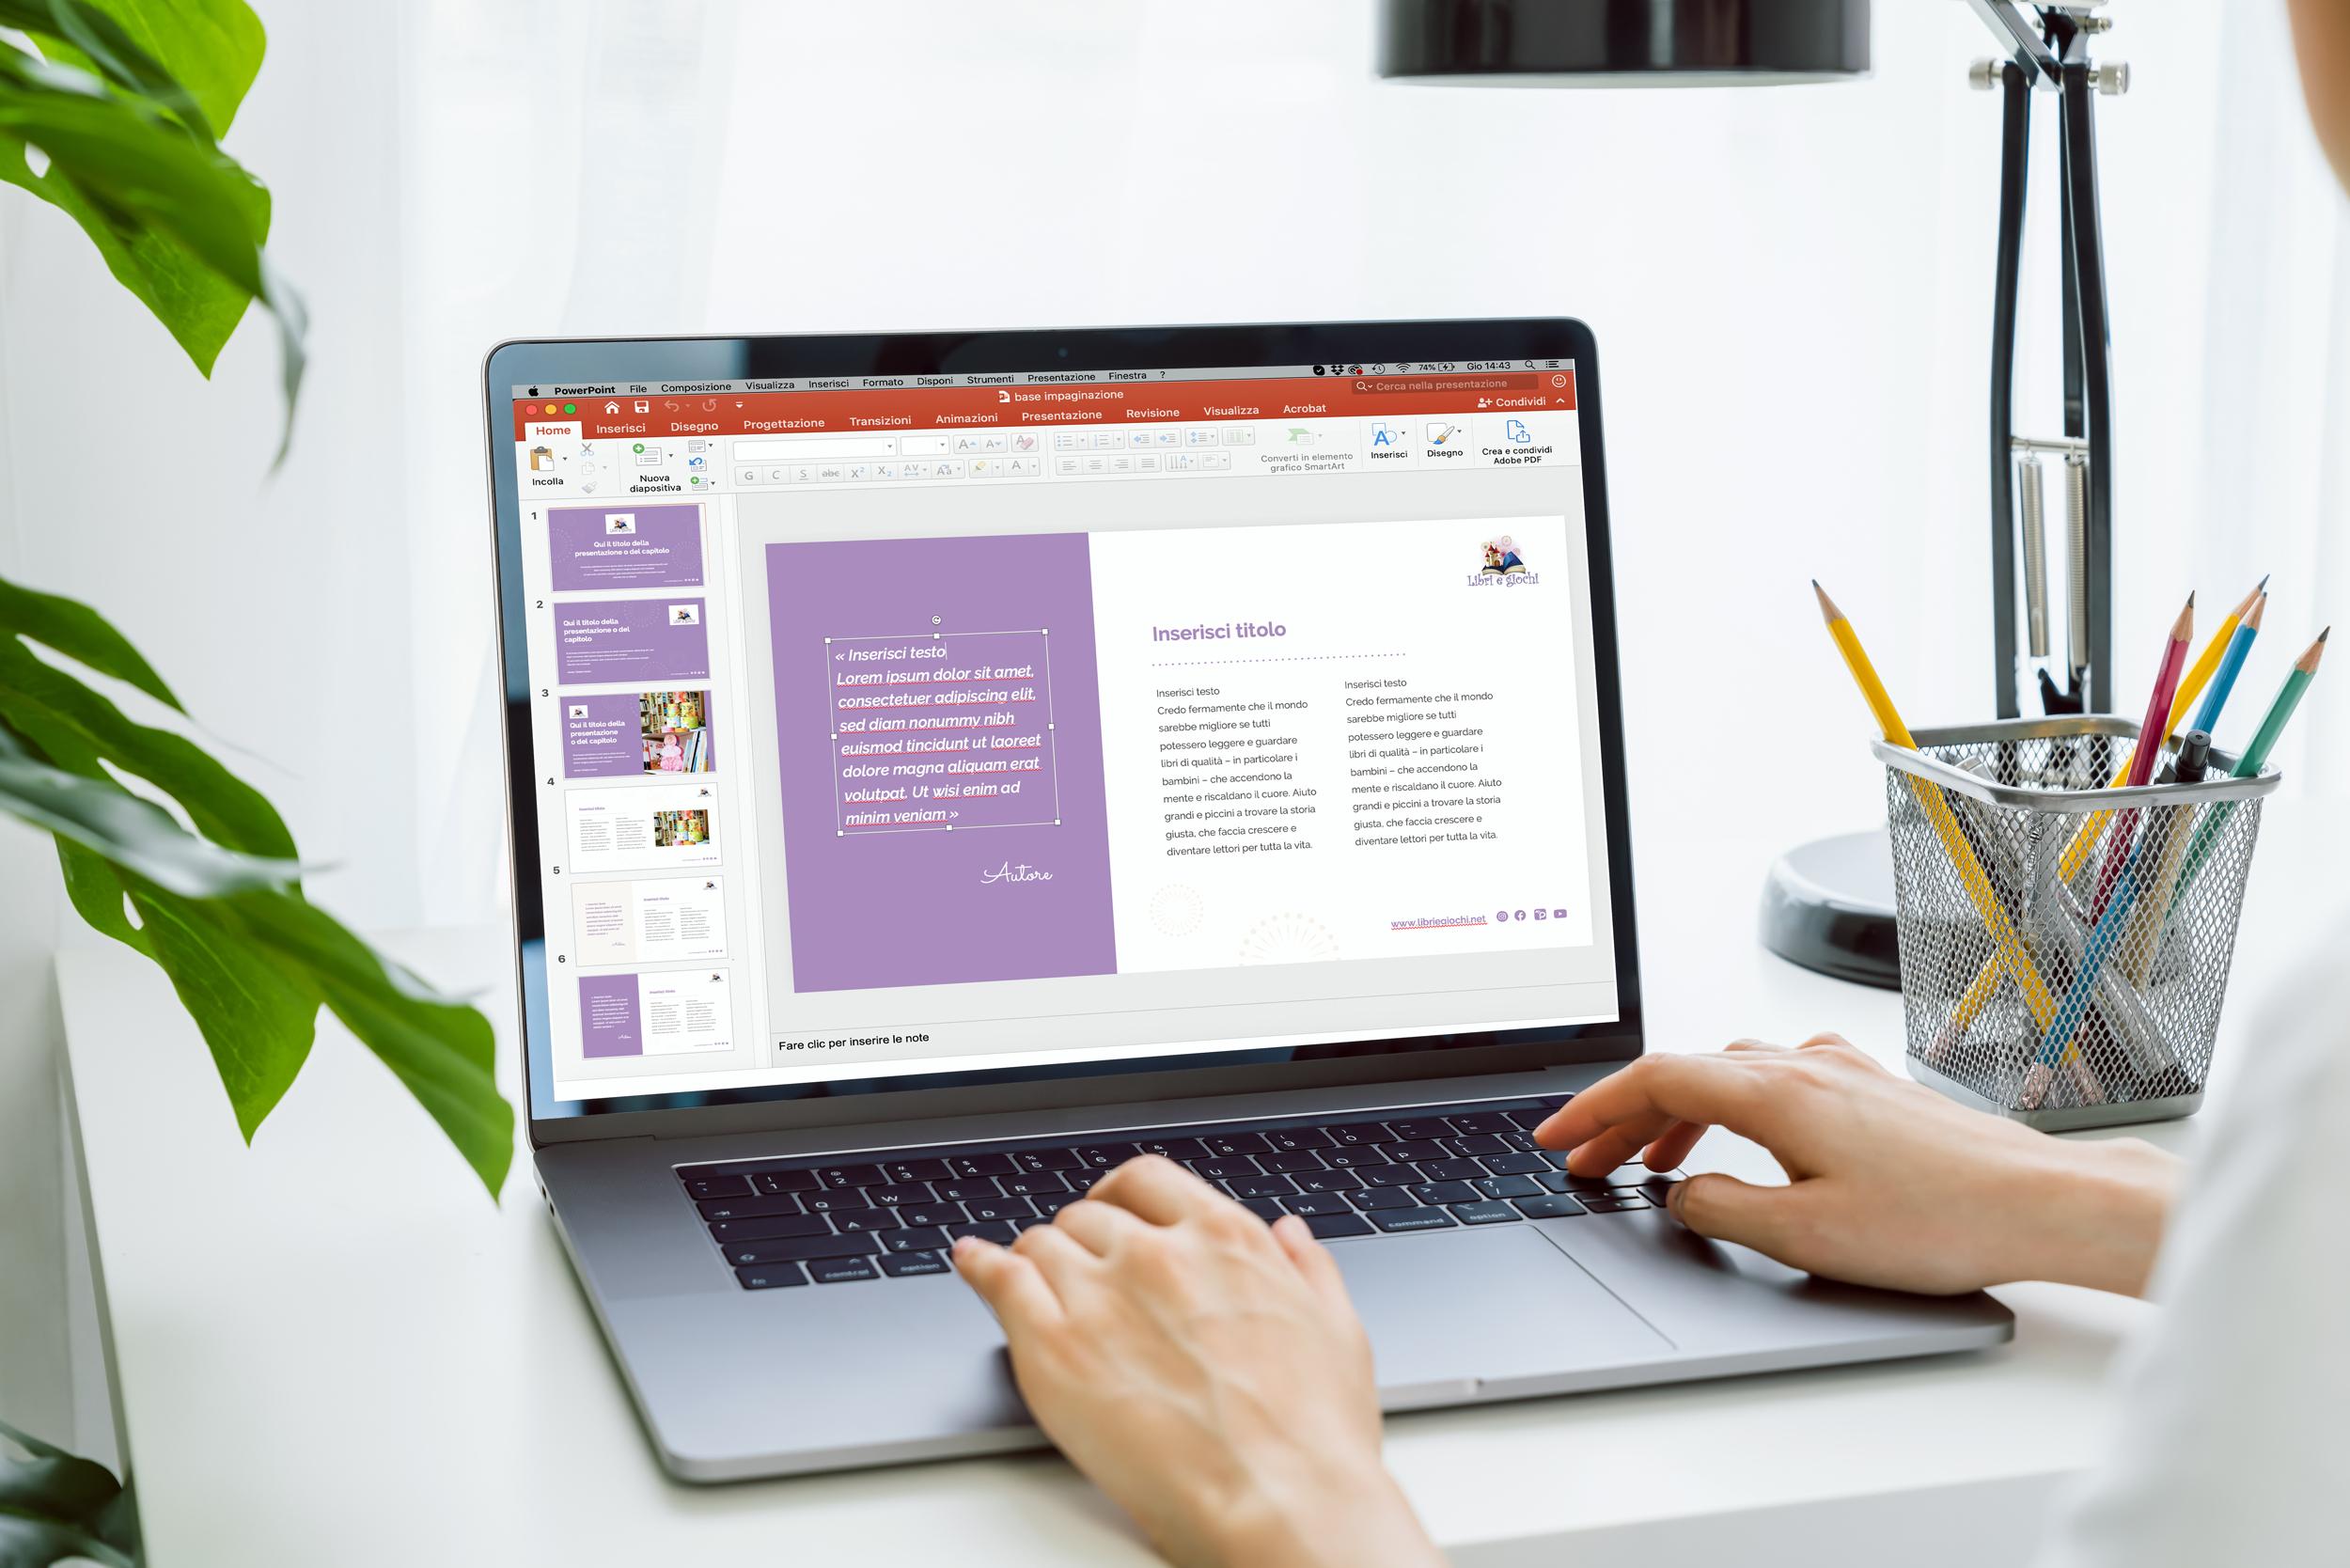 lapbook che visualizza template presentazione powerpoint libreria Libri e Giochi